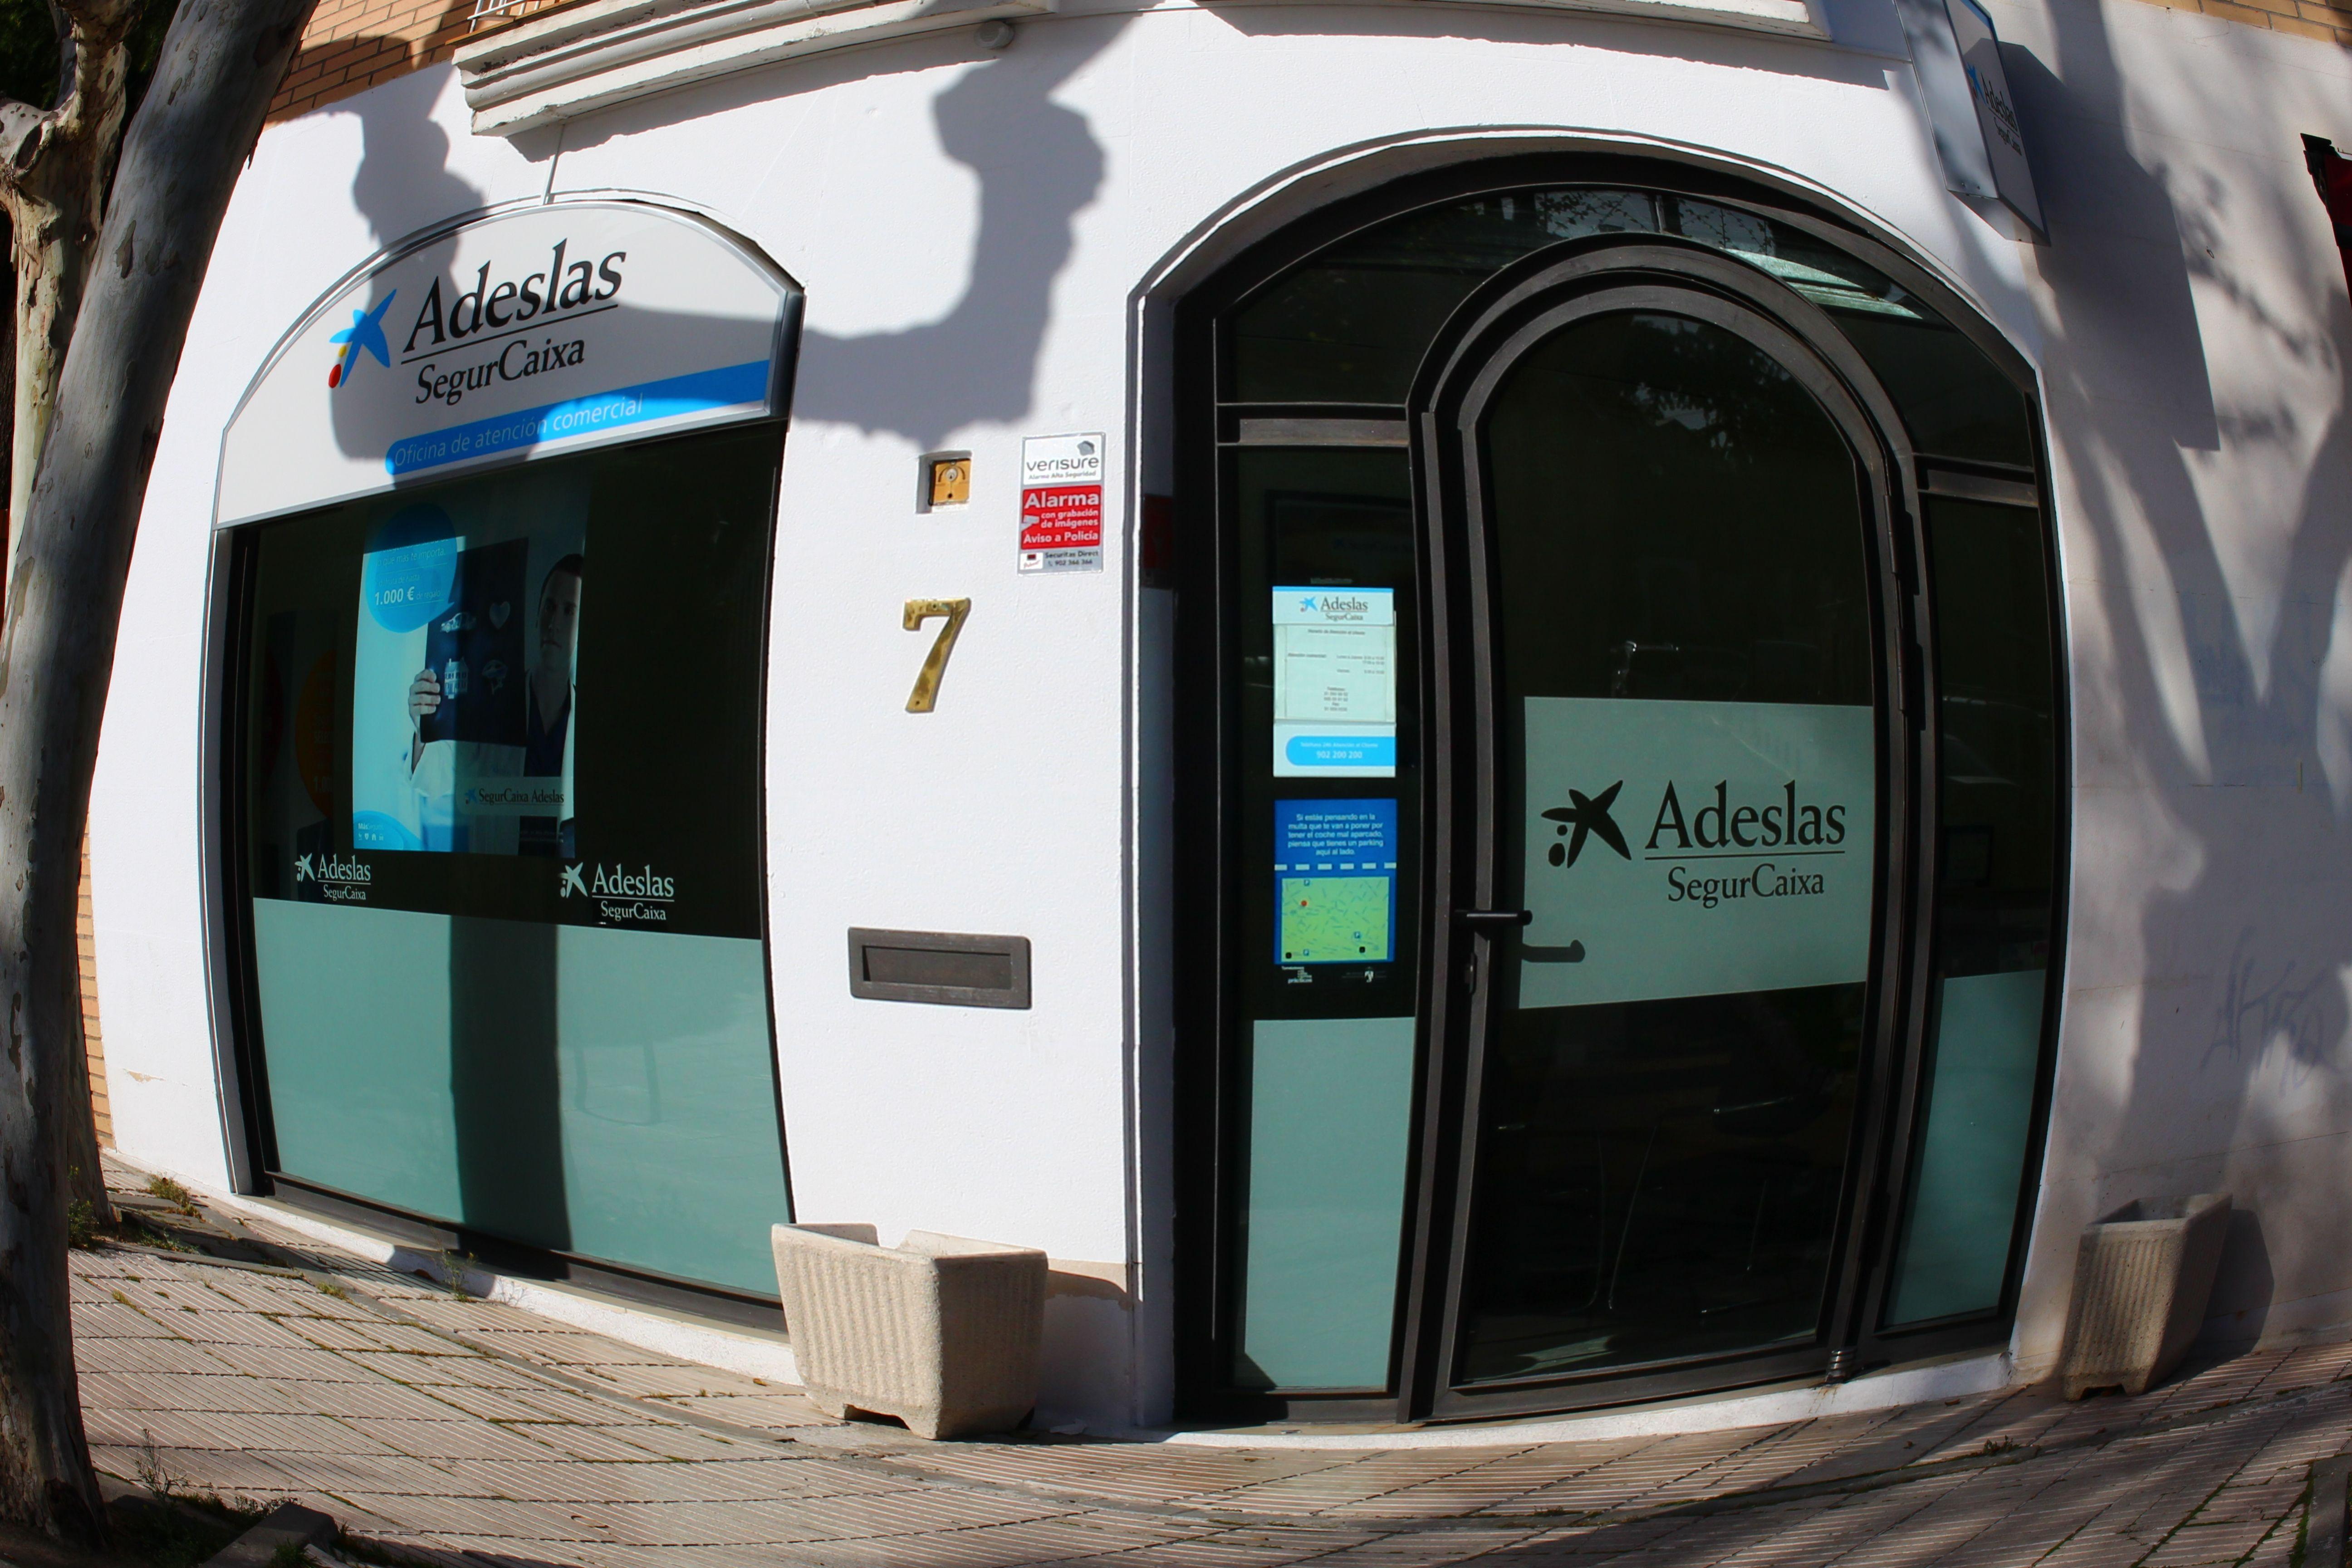 Oficina Comercial Adeslas Torrelodones Seguro De Mascotas